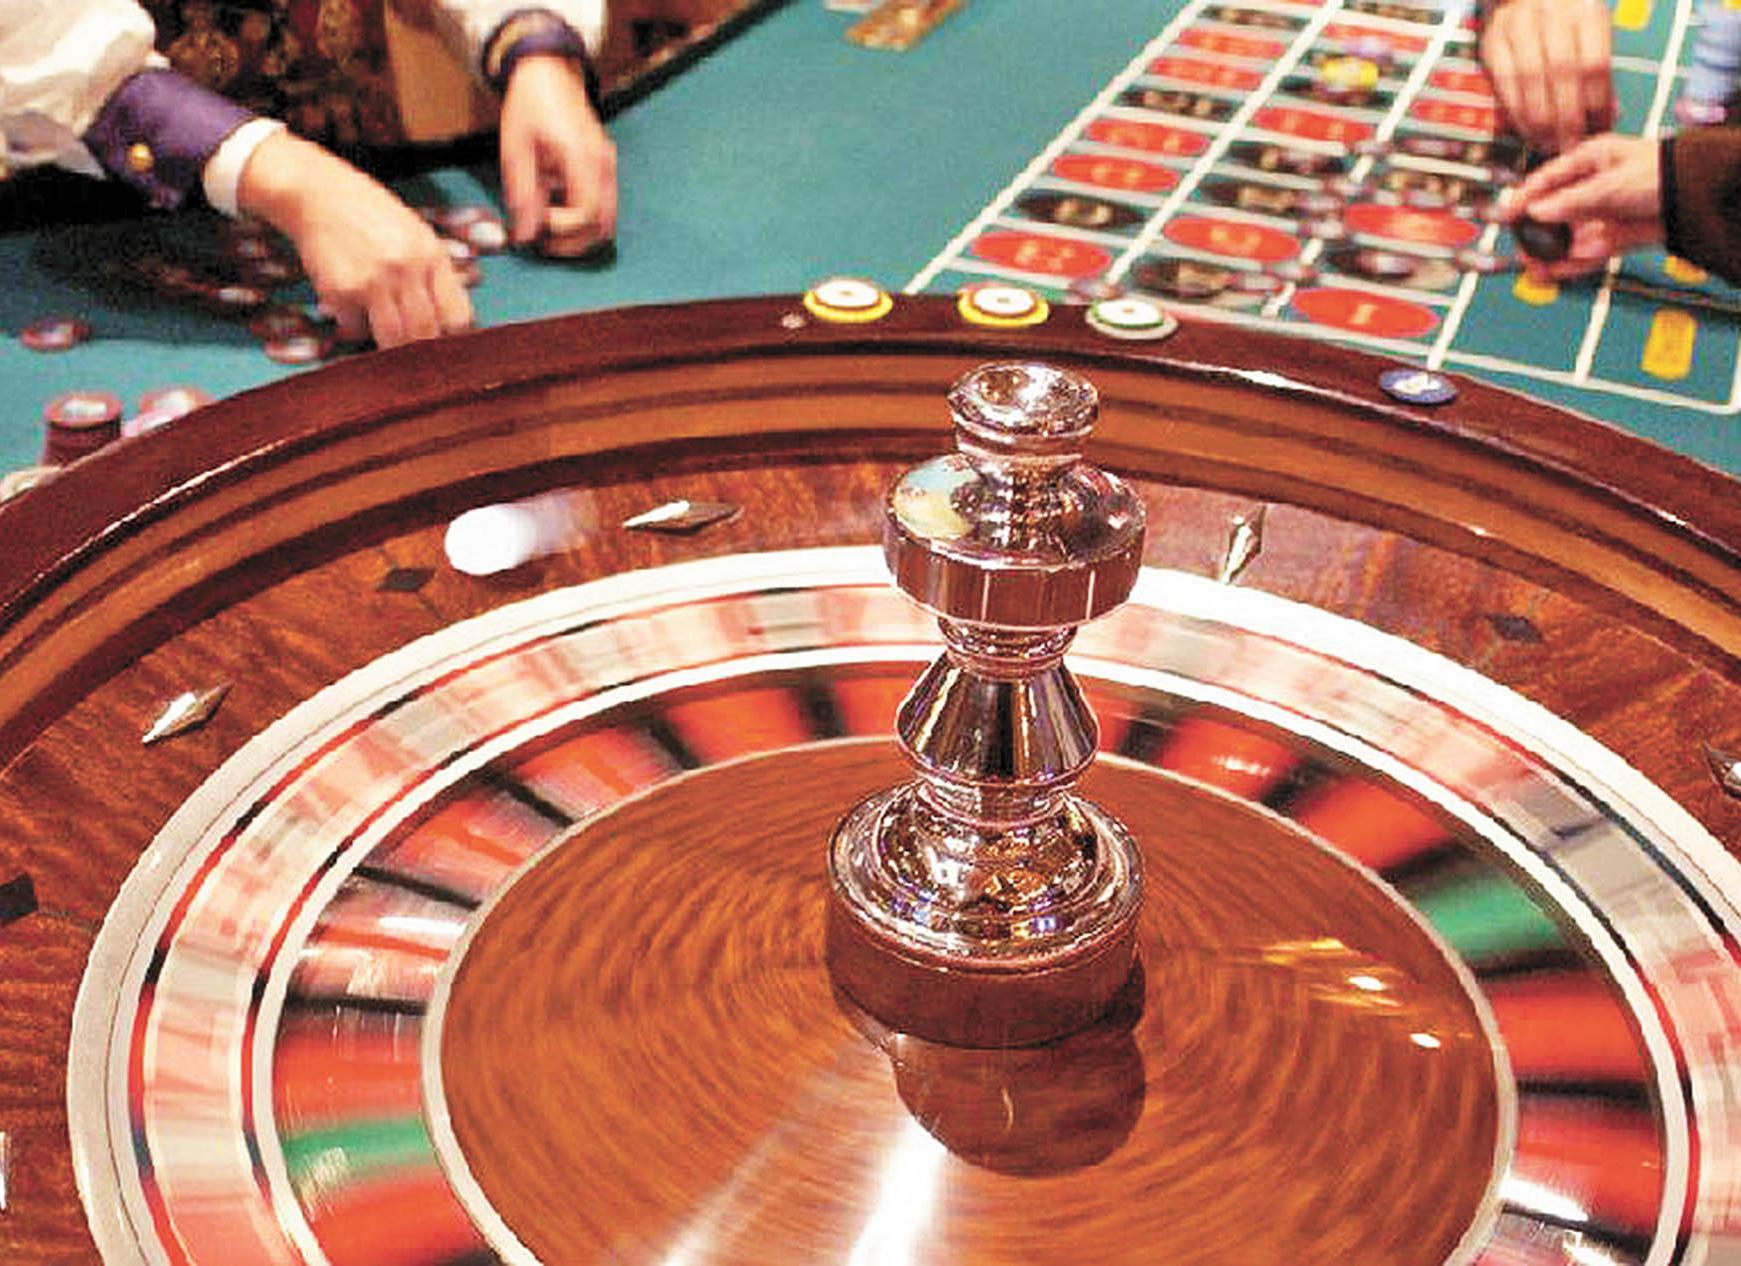 一小時偷賭場15萬元籌碼